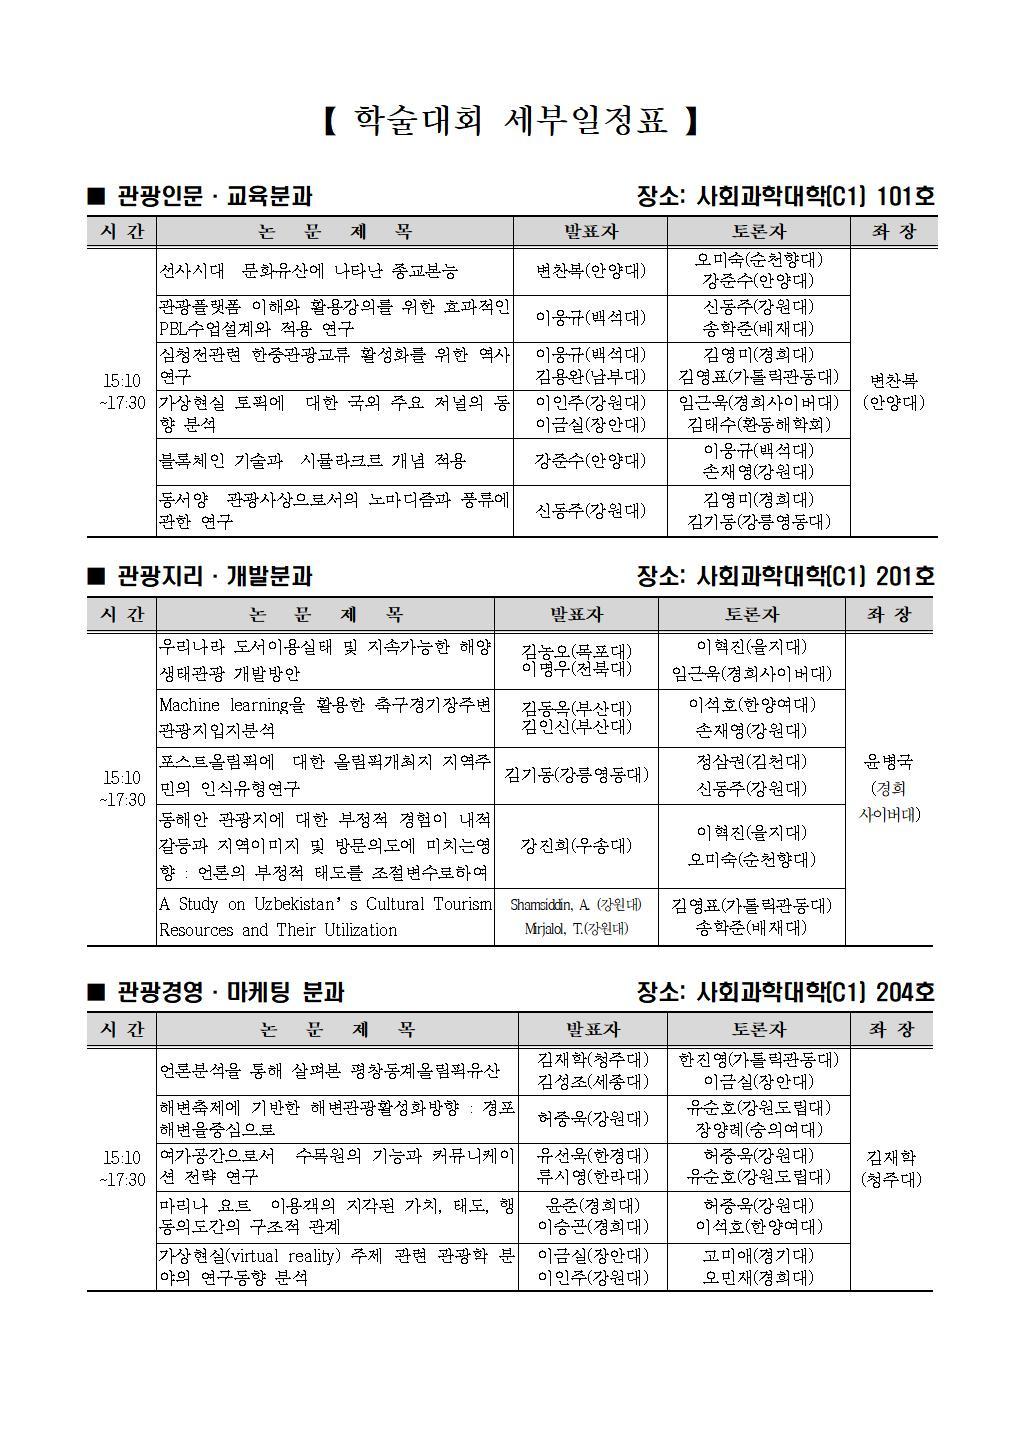 2019 강릉추계학술대회_세부일정표(최종)002.jpg